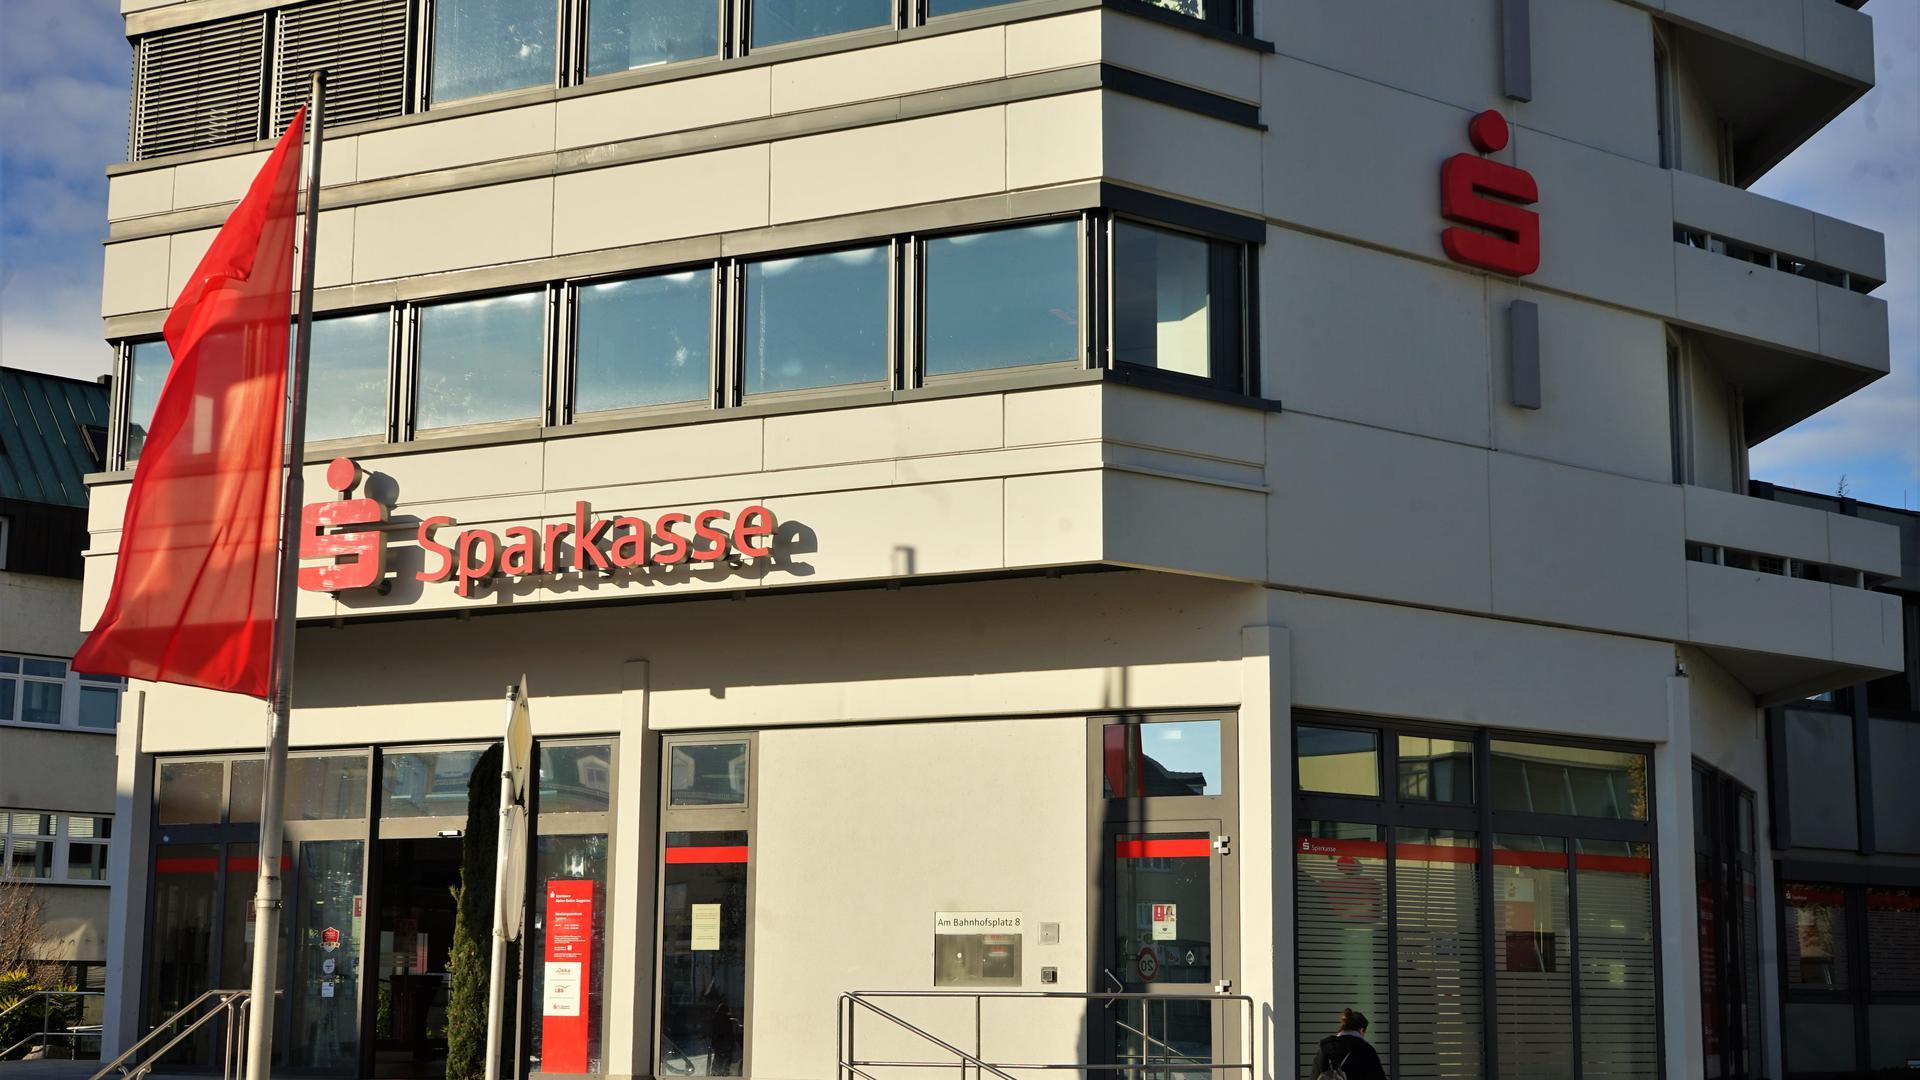 Sparkasse Gaggenau von außen, Treppe, rote Fahne